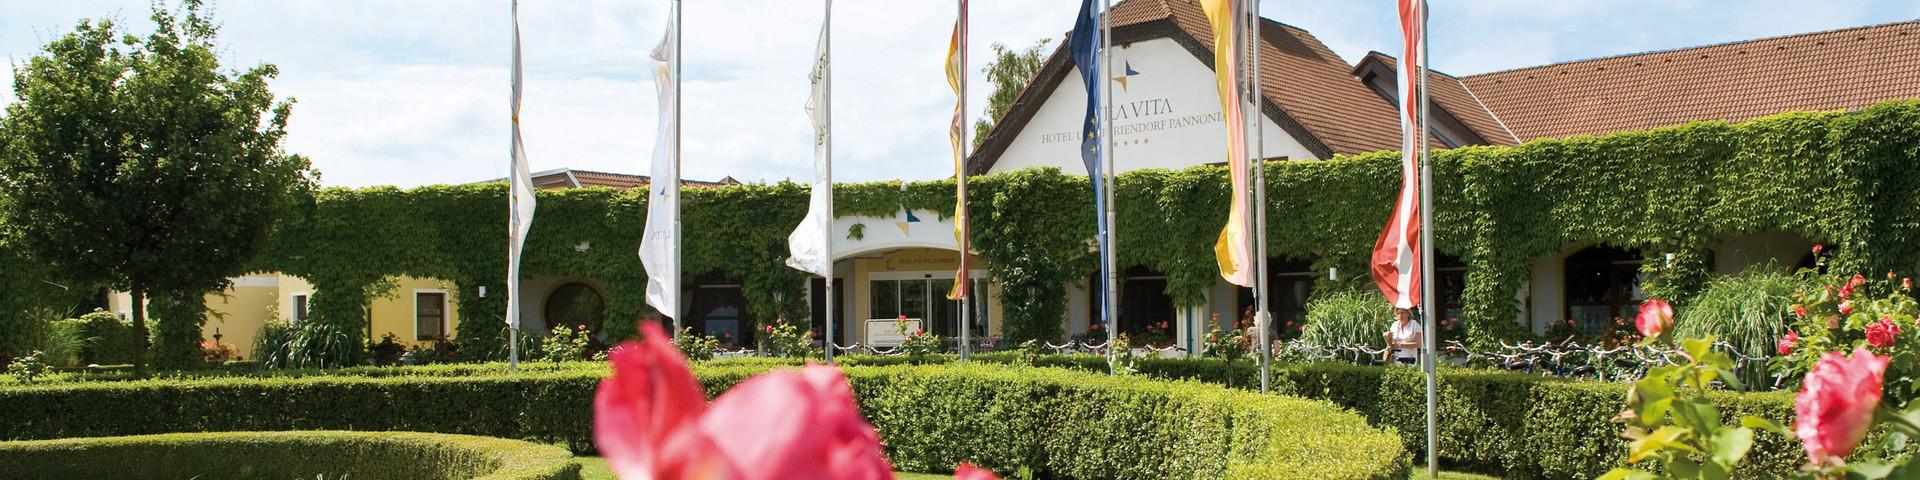 Vila Vita Pannonia - Aussenansicht © Vila Vita Pannonia